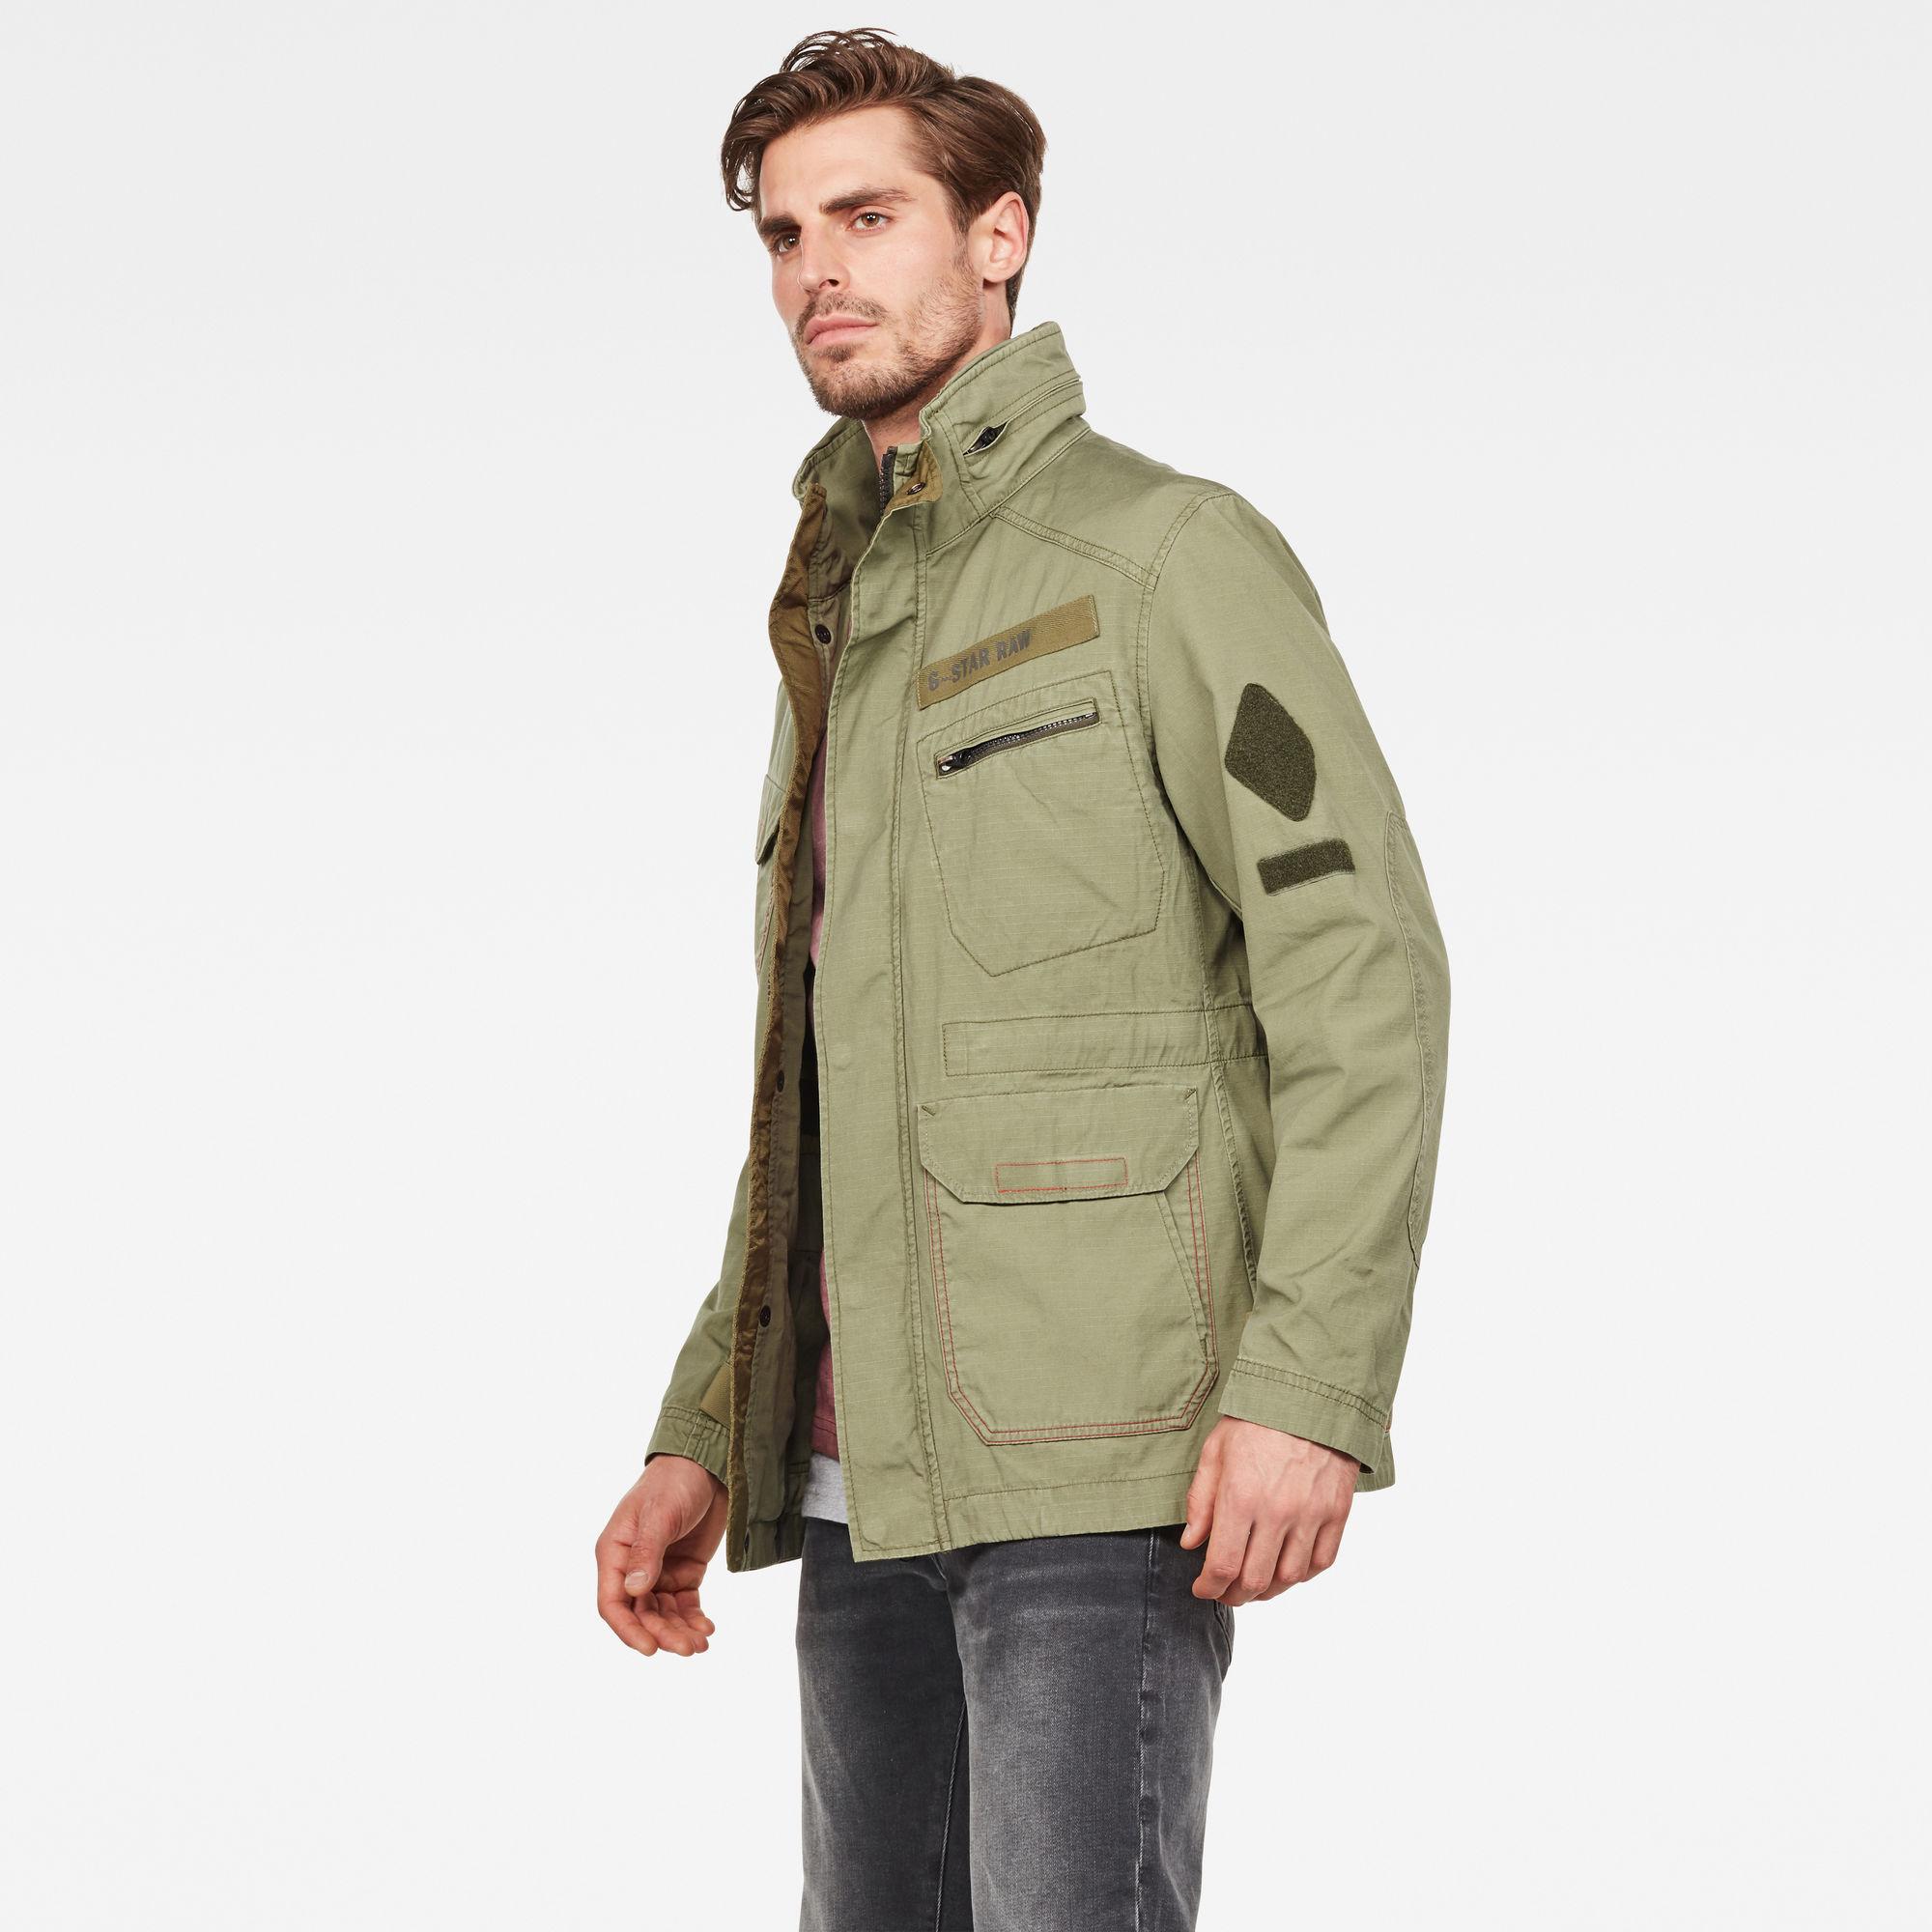 Xpo Field Jacket